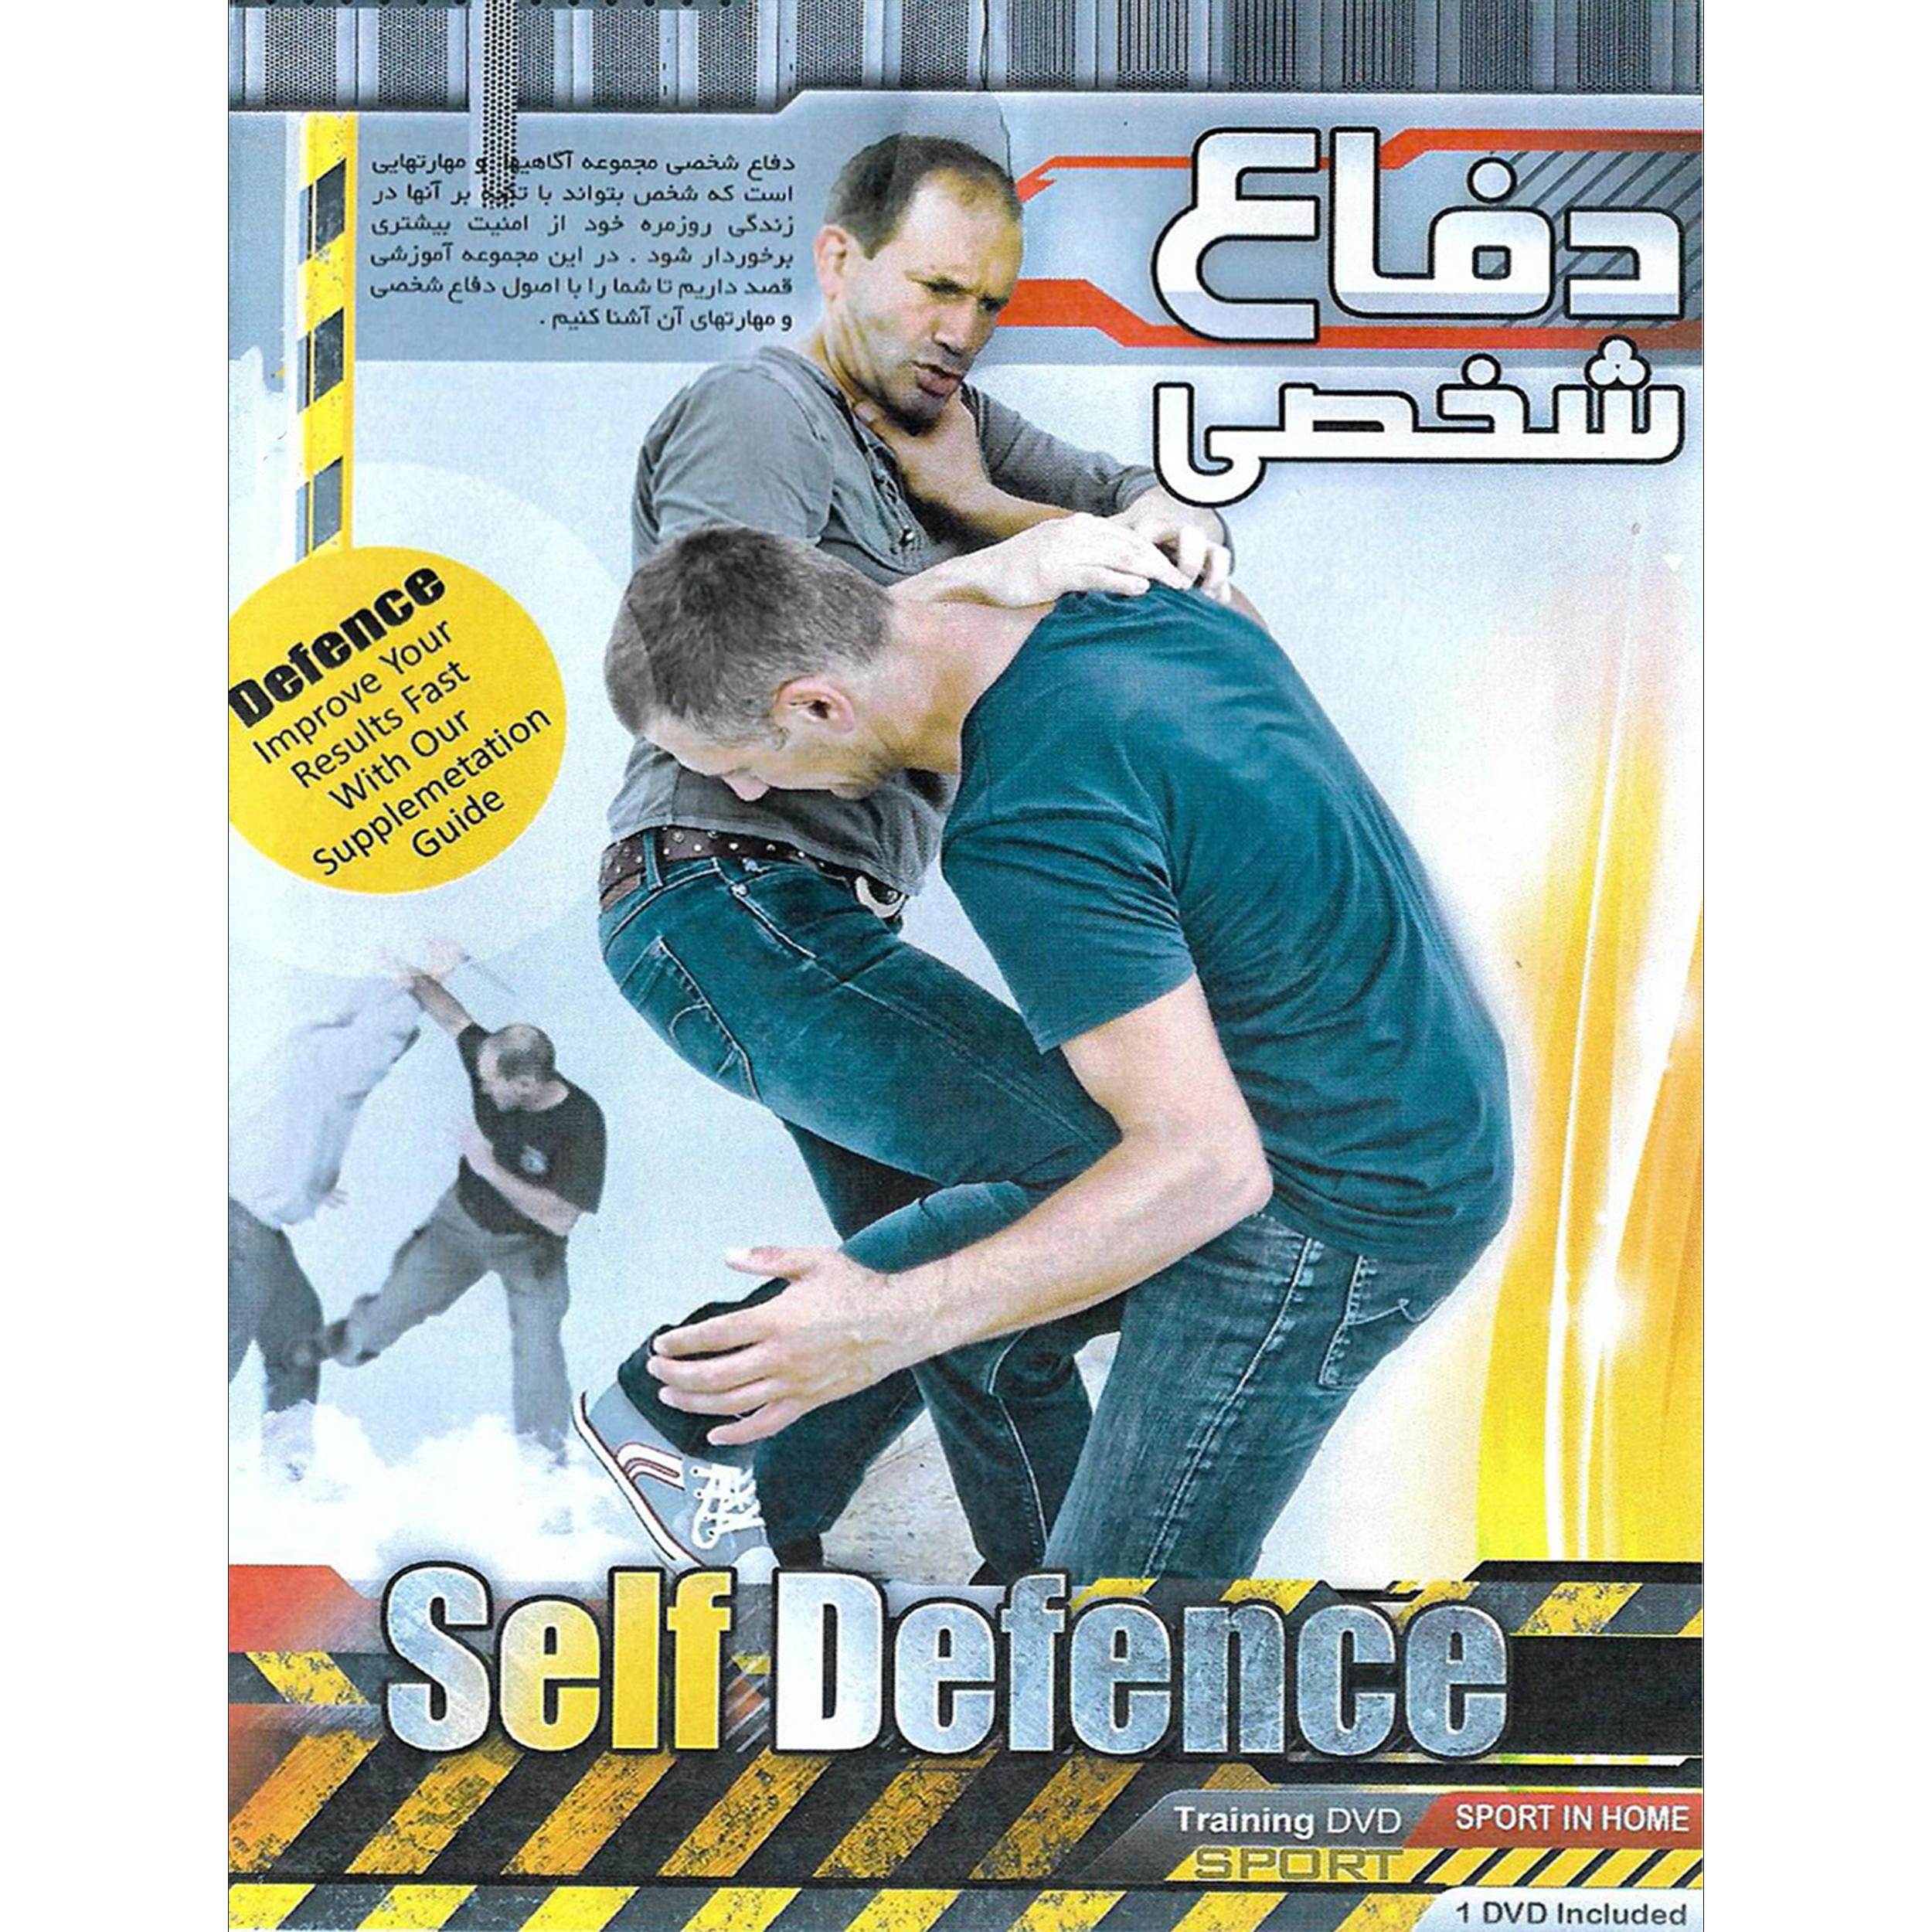 نرم افزار آموزش دفاع شخصی نشر الکترونیک پاناپرداز